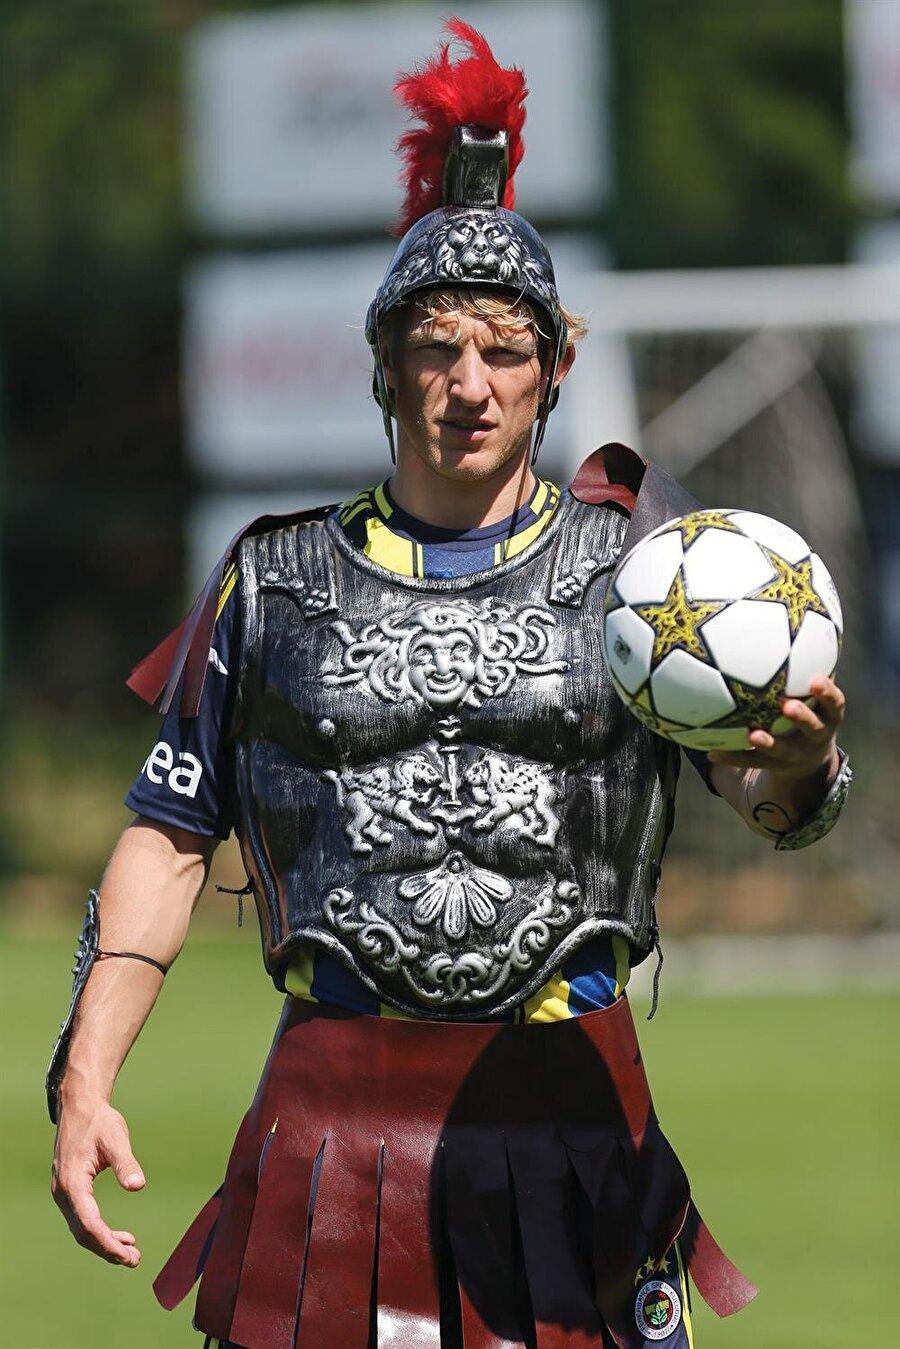 Liverpool taraftarının gönlünde taht kuran Dirk Kuyt, 1 Temmuz 2012'de 1 milyon Euro bonservis bedeliyle Fenerbahçe'ye imza attı.